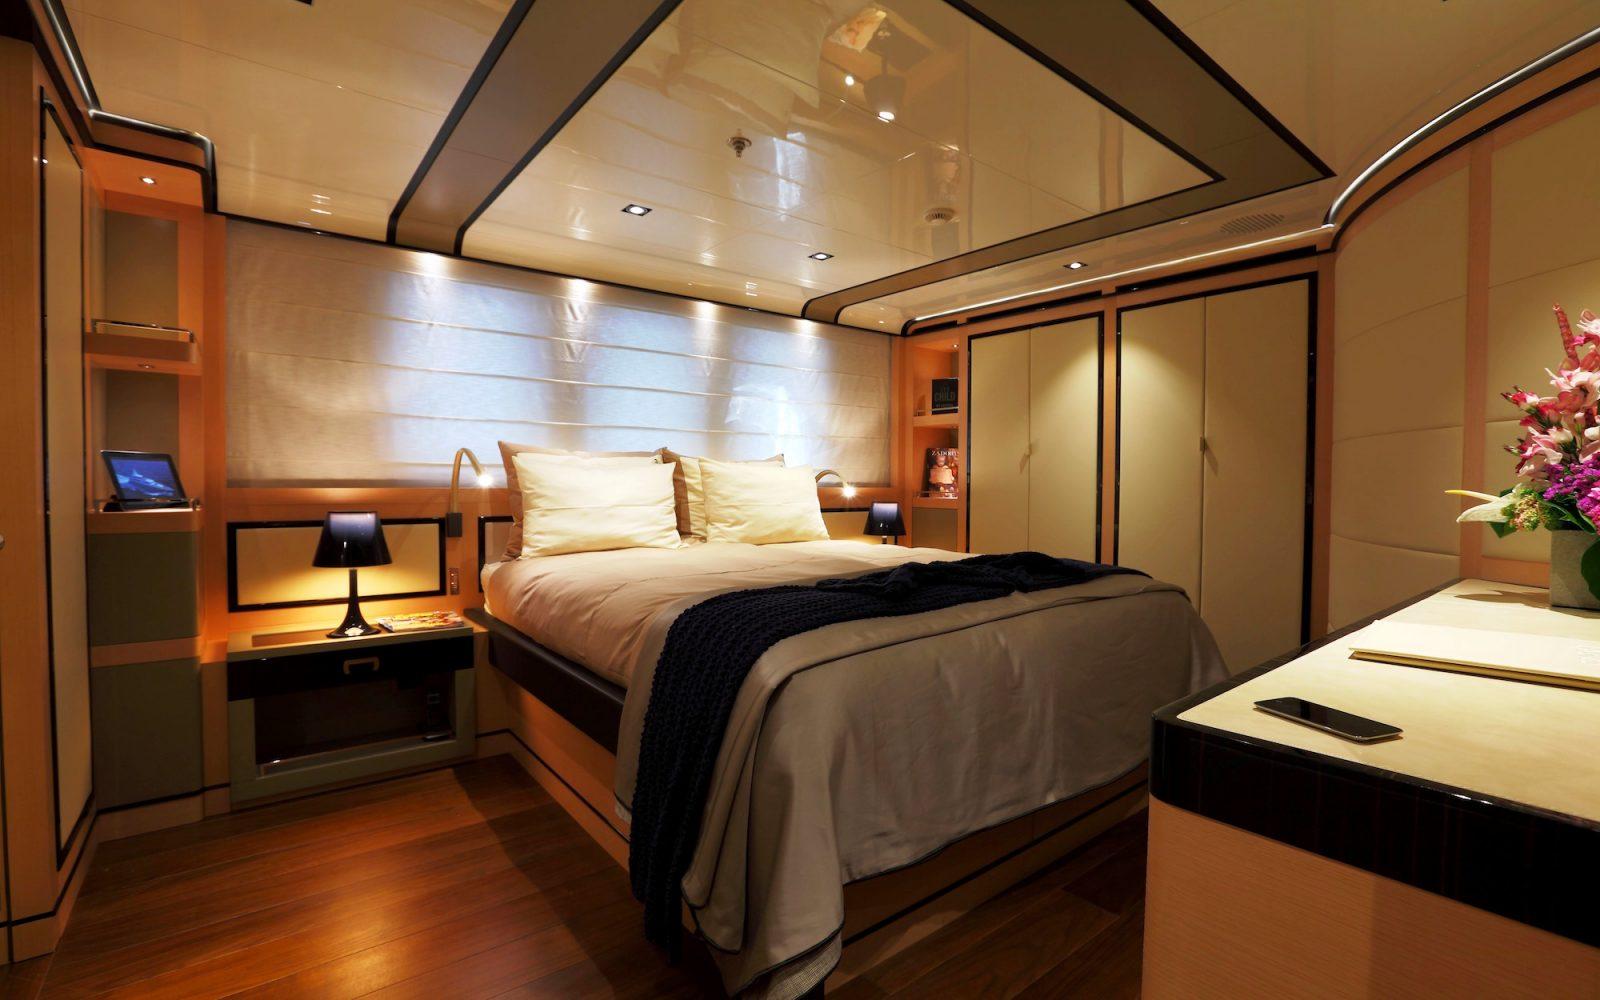 2 LADIES double bed stateroom | 2 LADIES